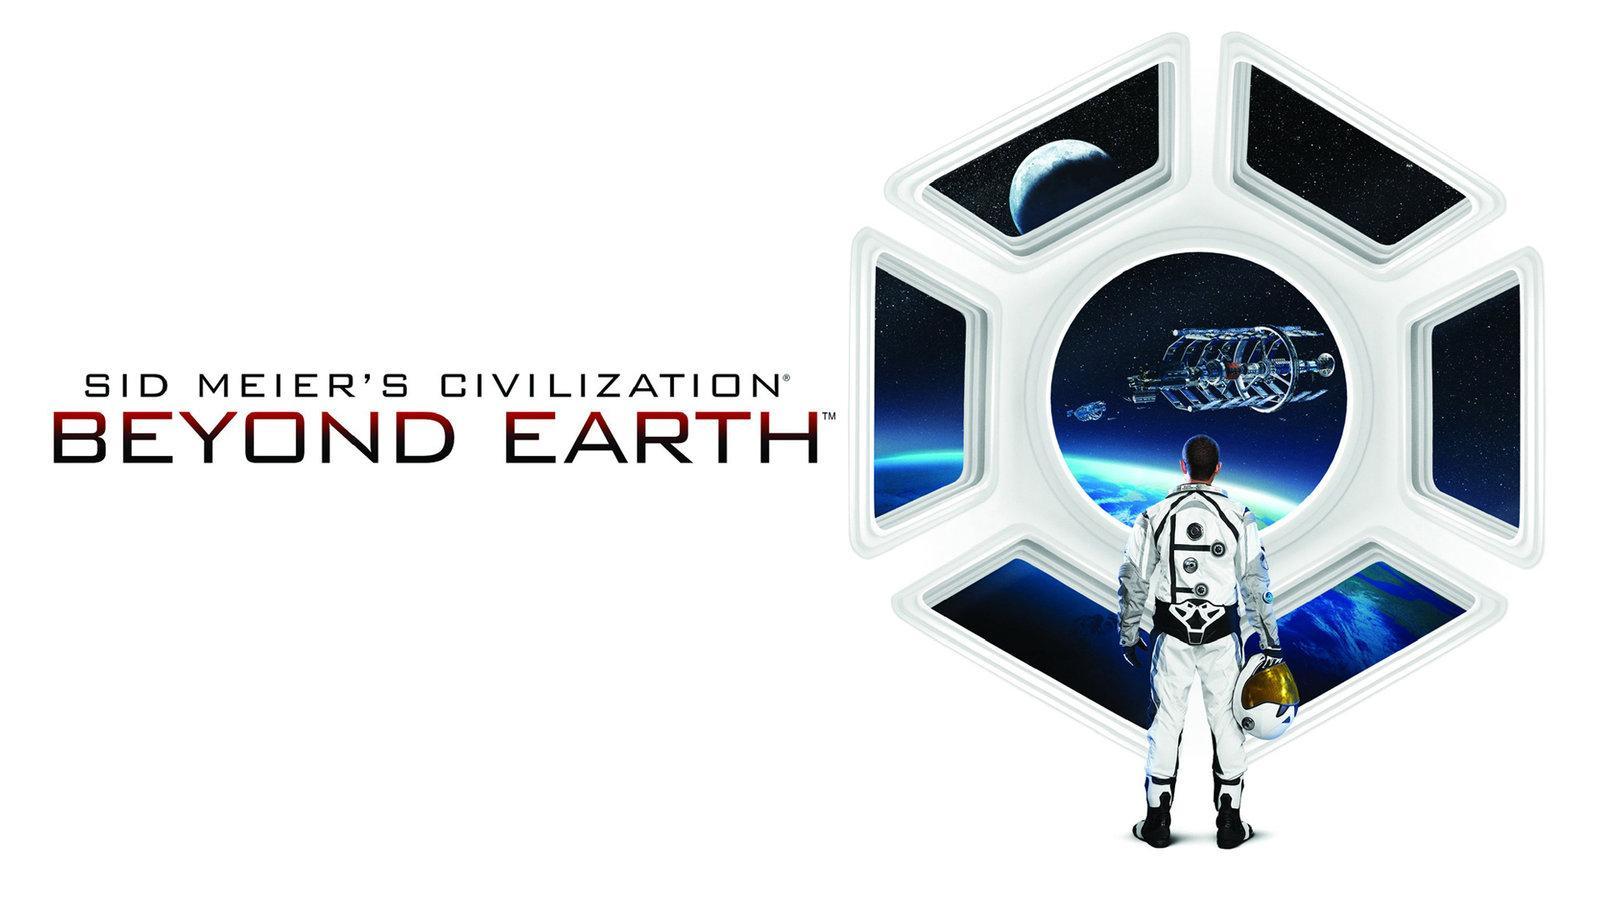 Sid Meier's Civilization: Beyond Earth sur PC jouable gratuitement ce week-end